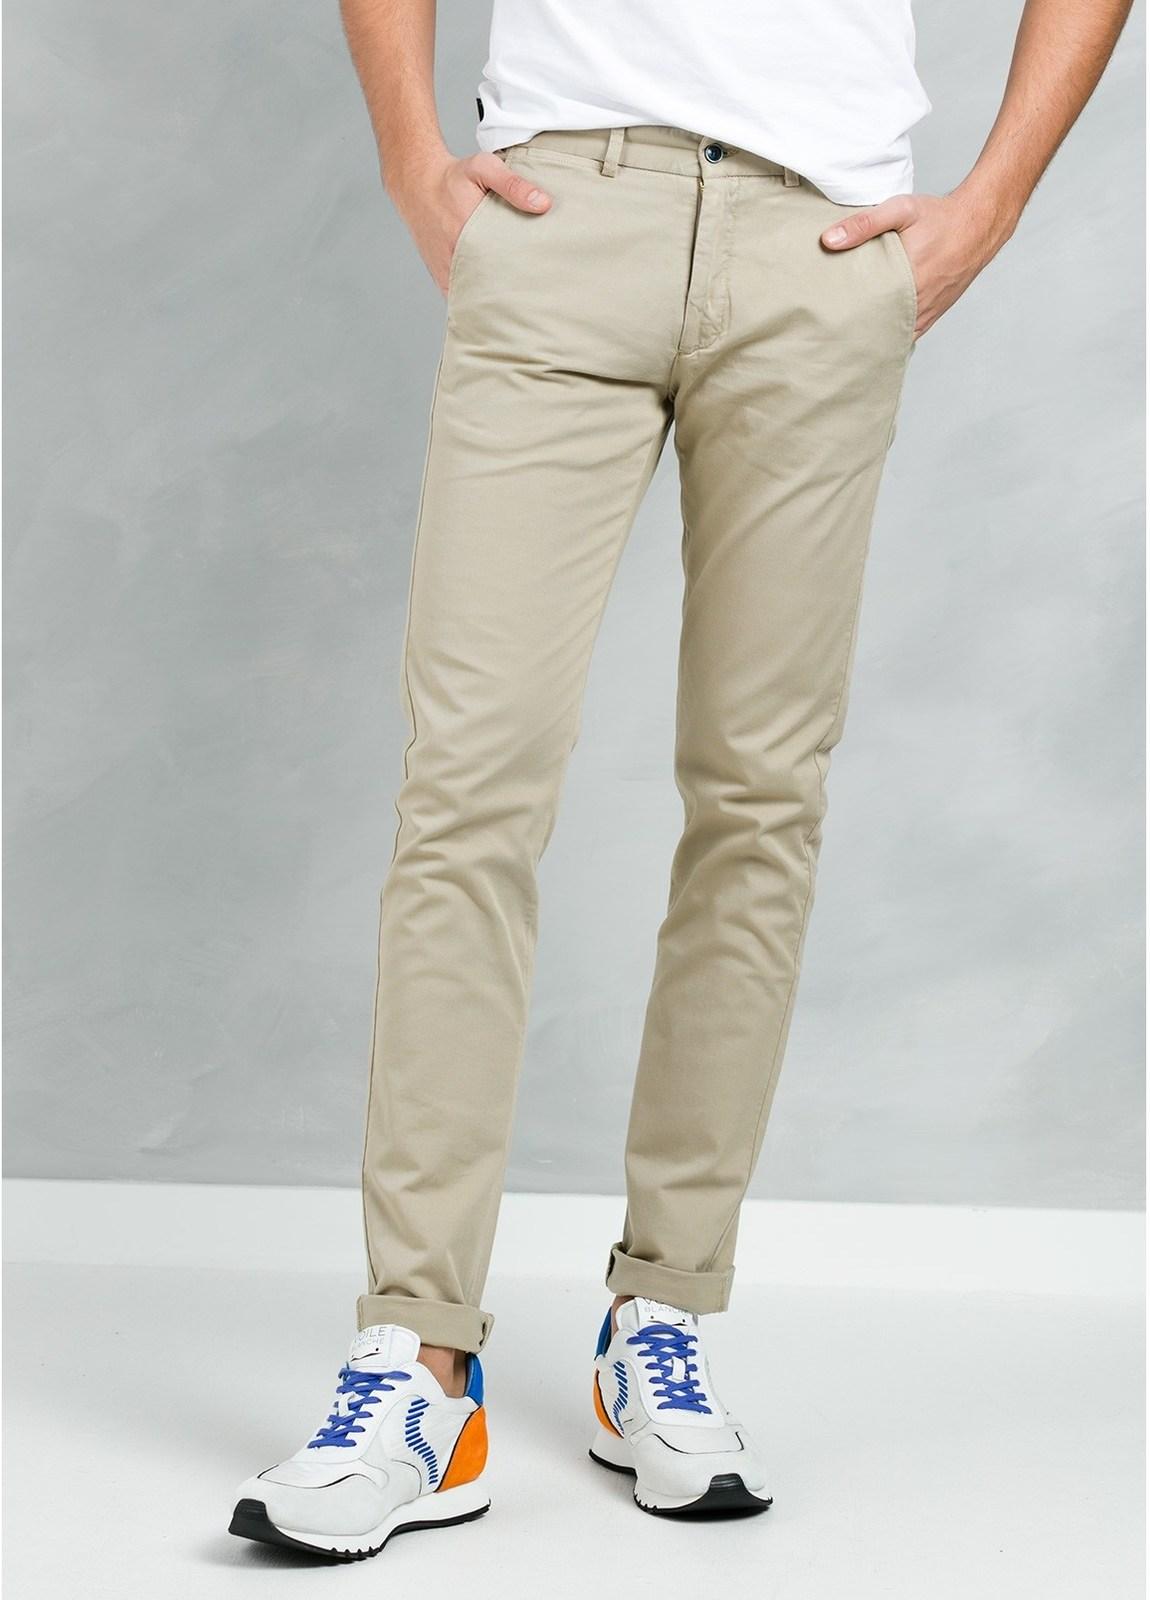 Pantalón Casual Wear, SLIM FIT micro textura color beige, 97% Algodón 3% Elastómero.